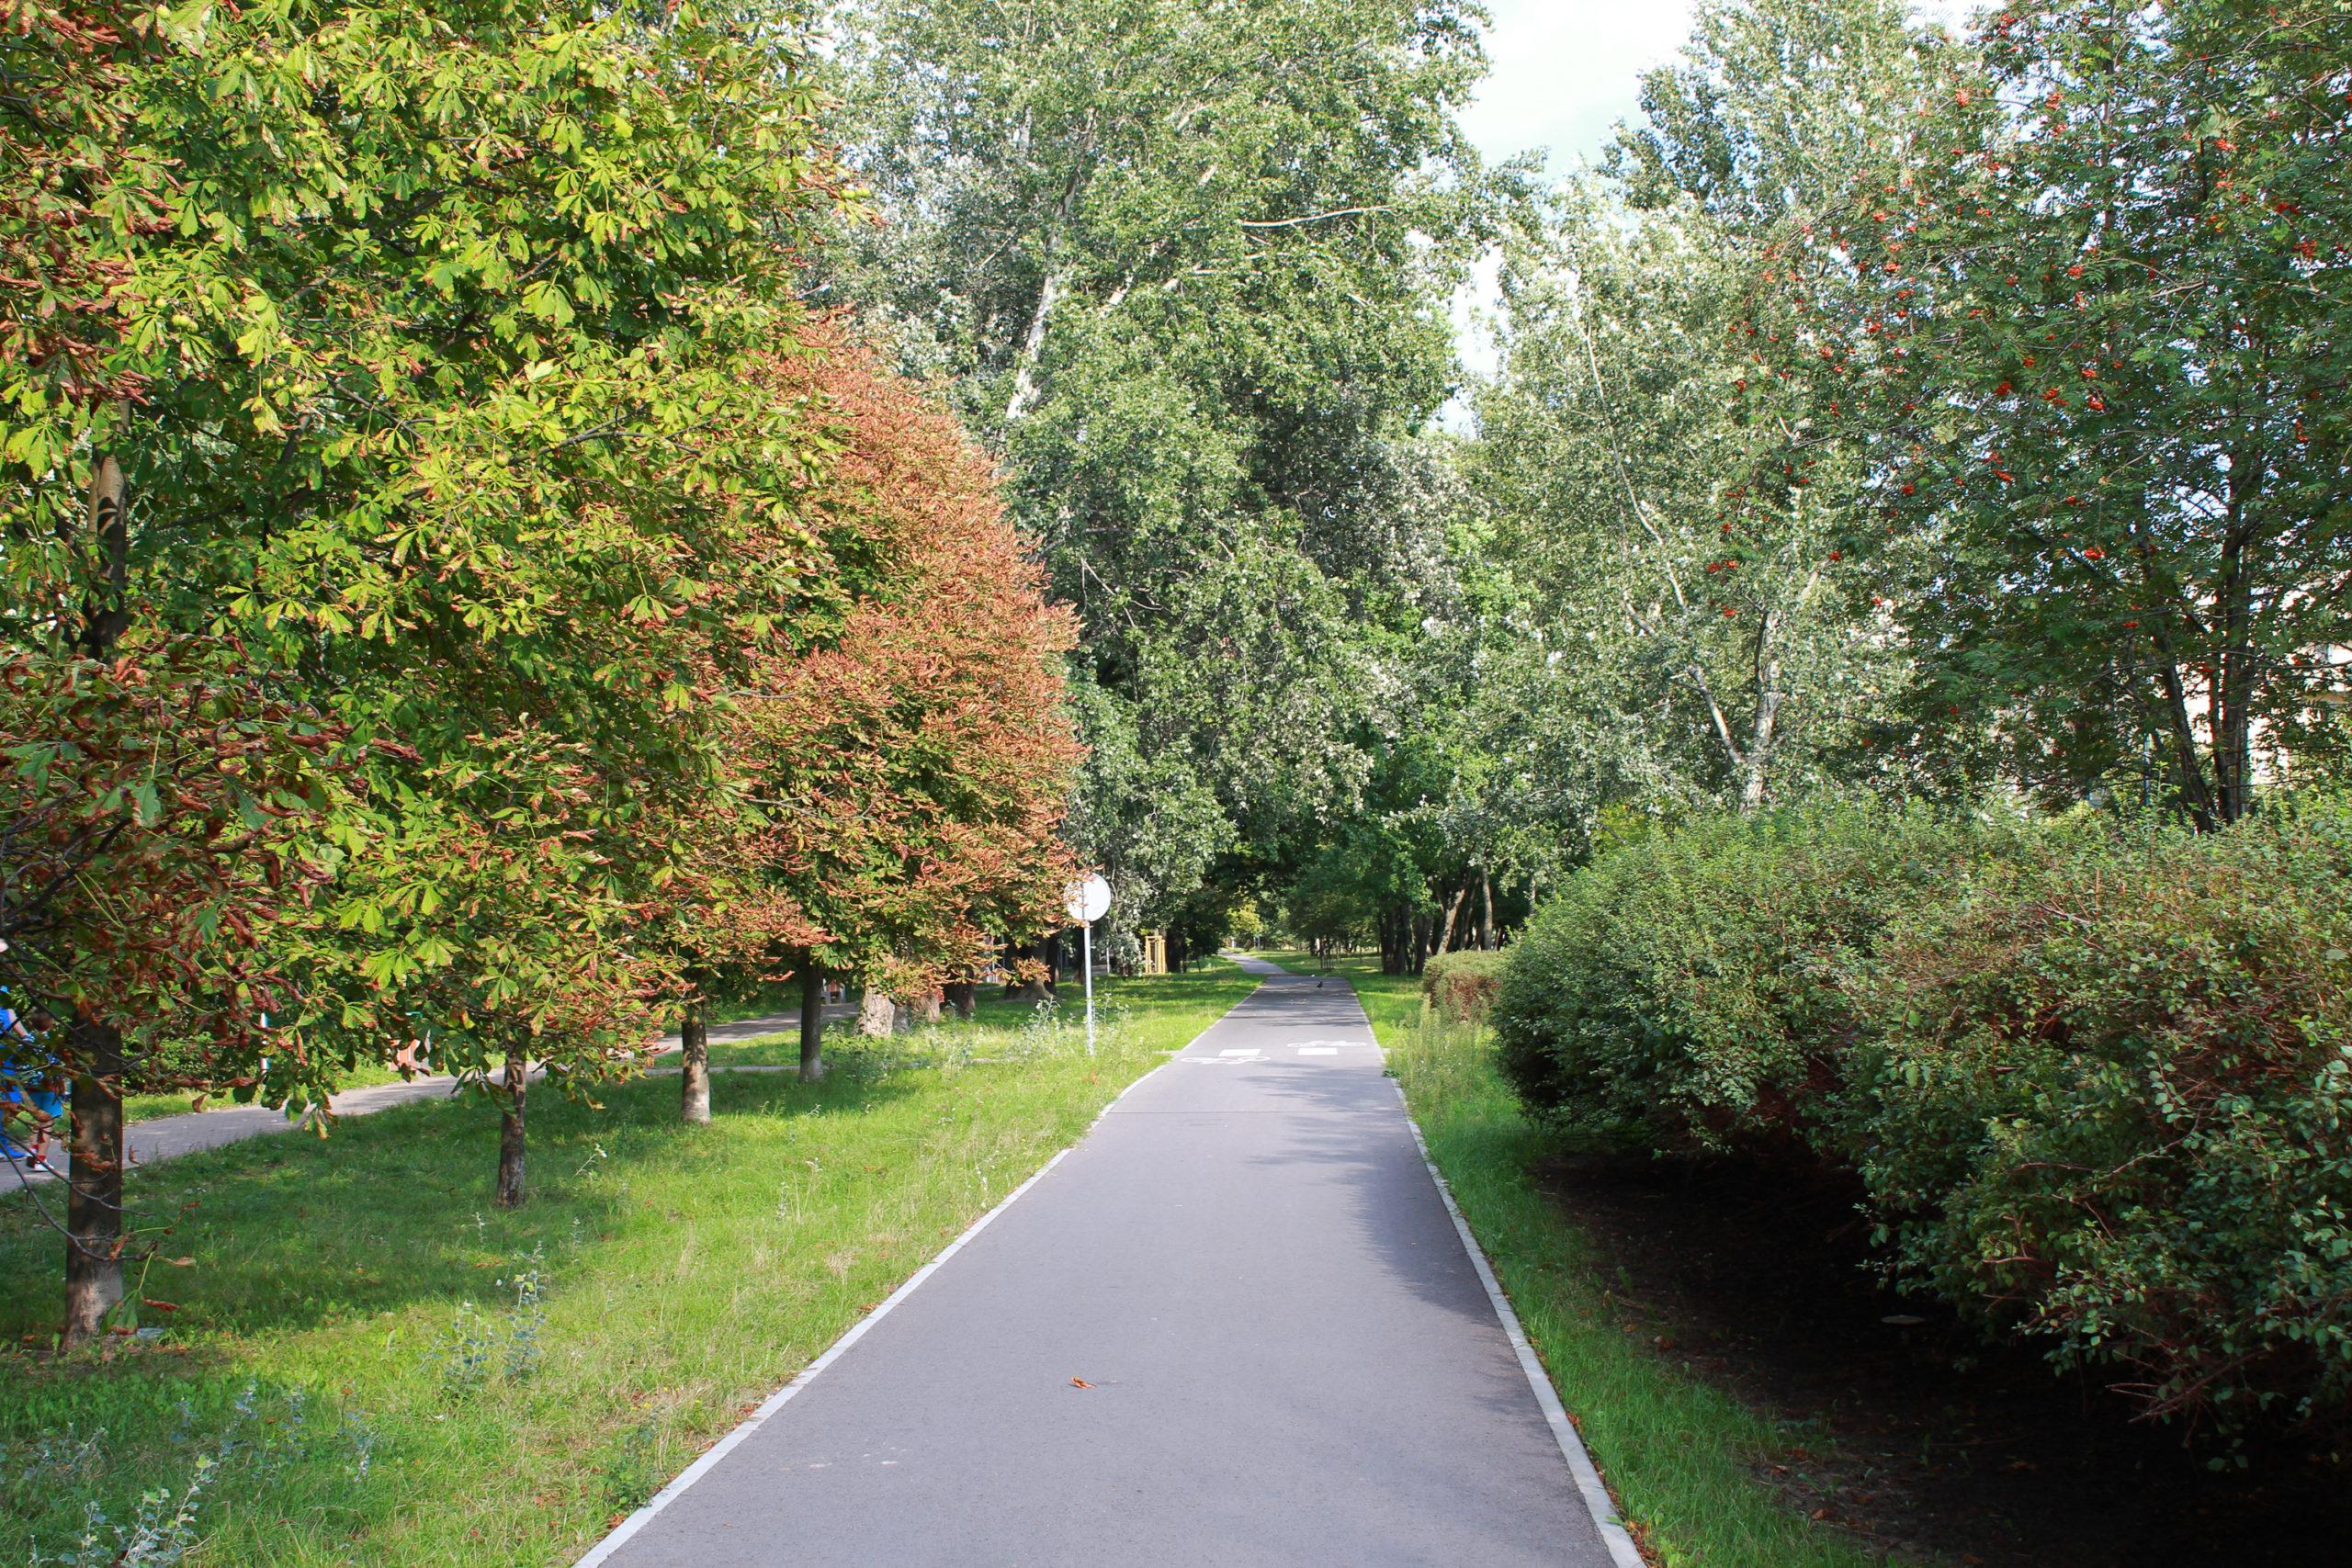 ścieżka rowerowa z zielenią po bokach